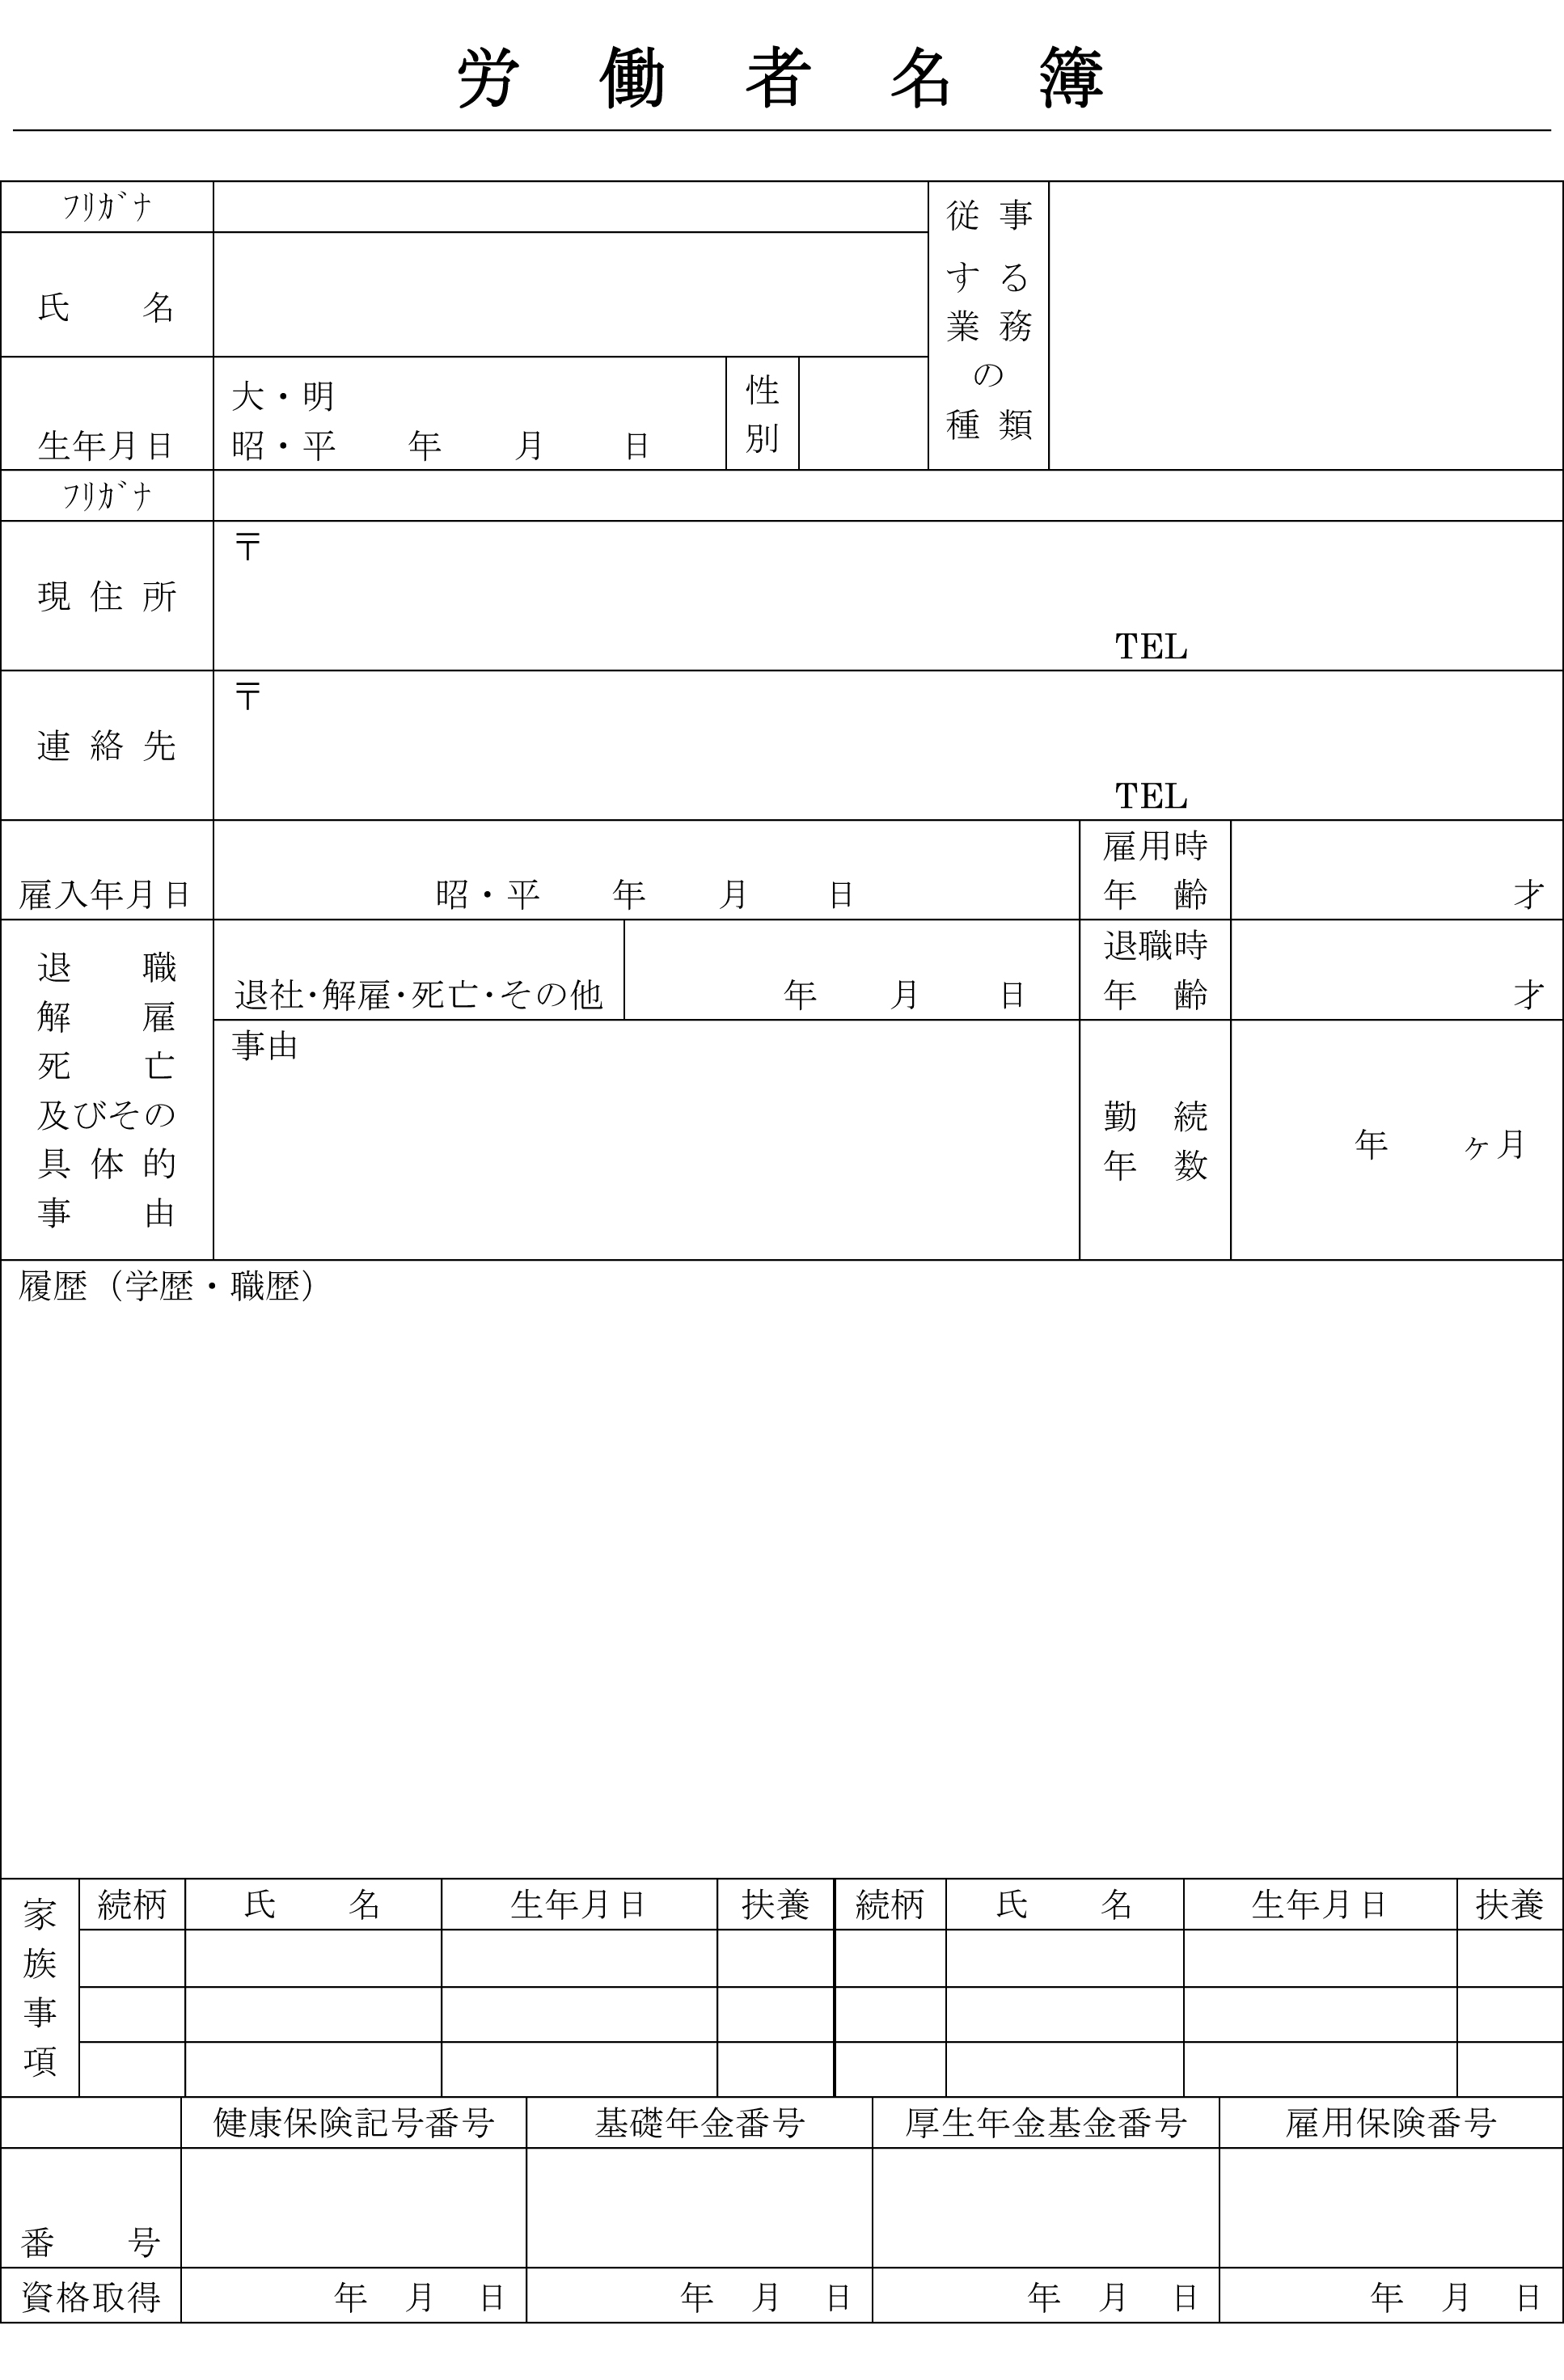 労働者名簿03